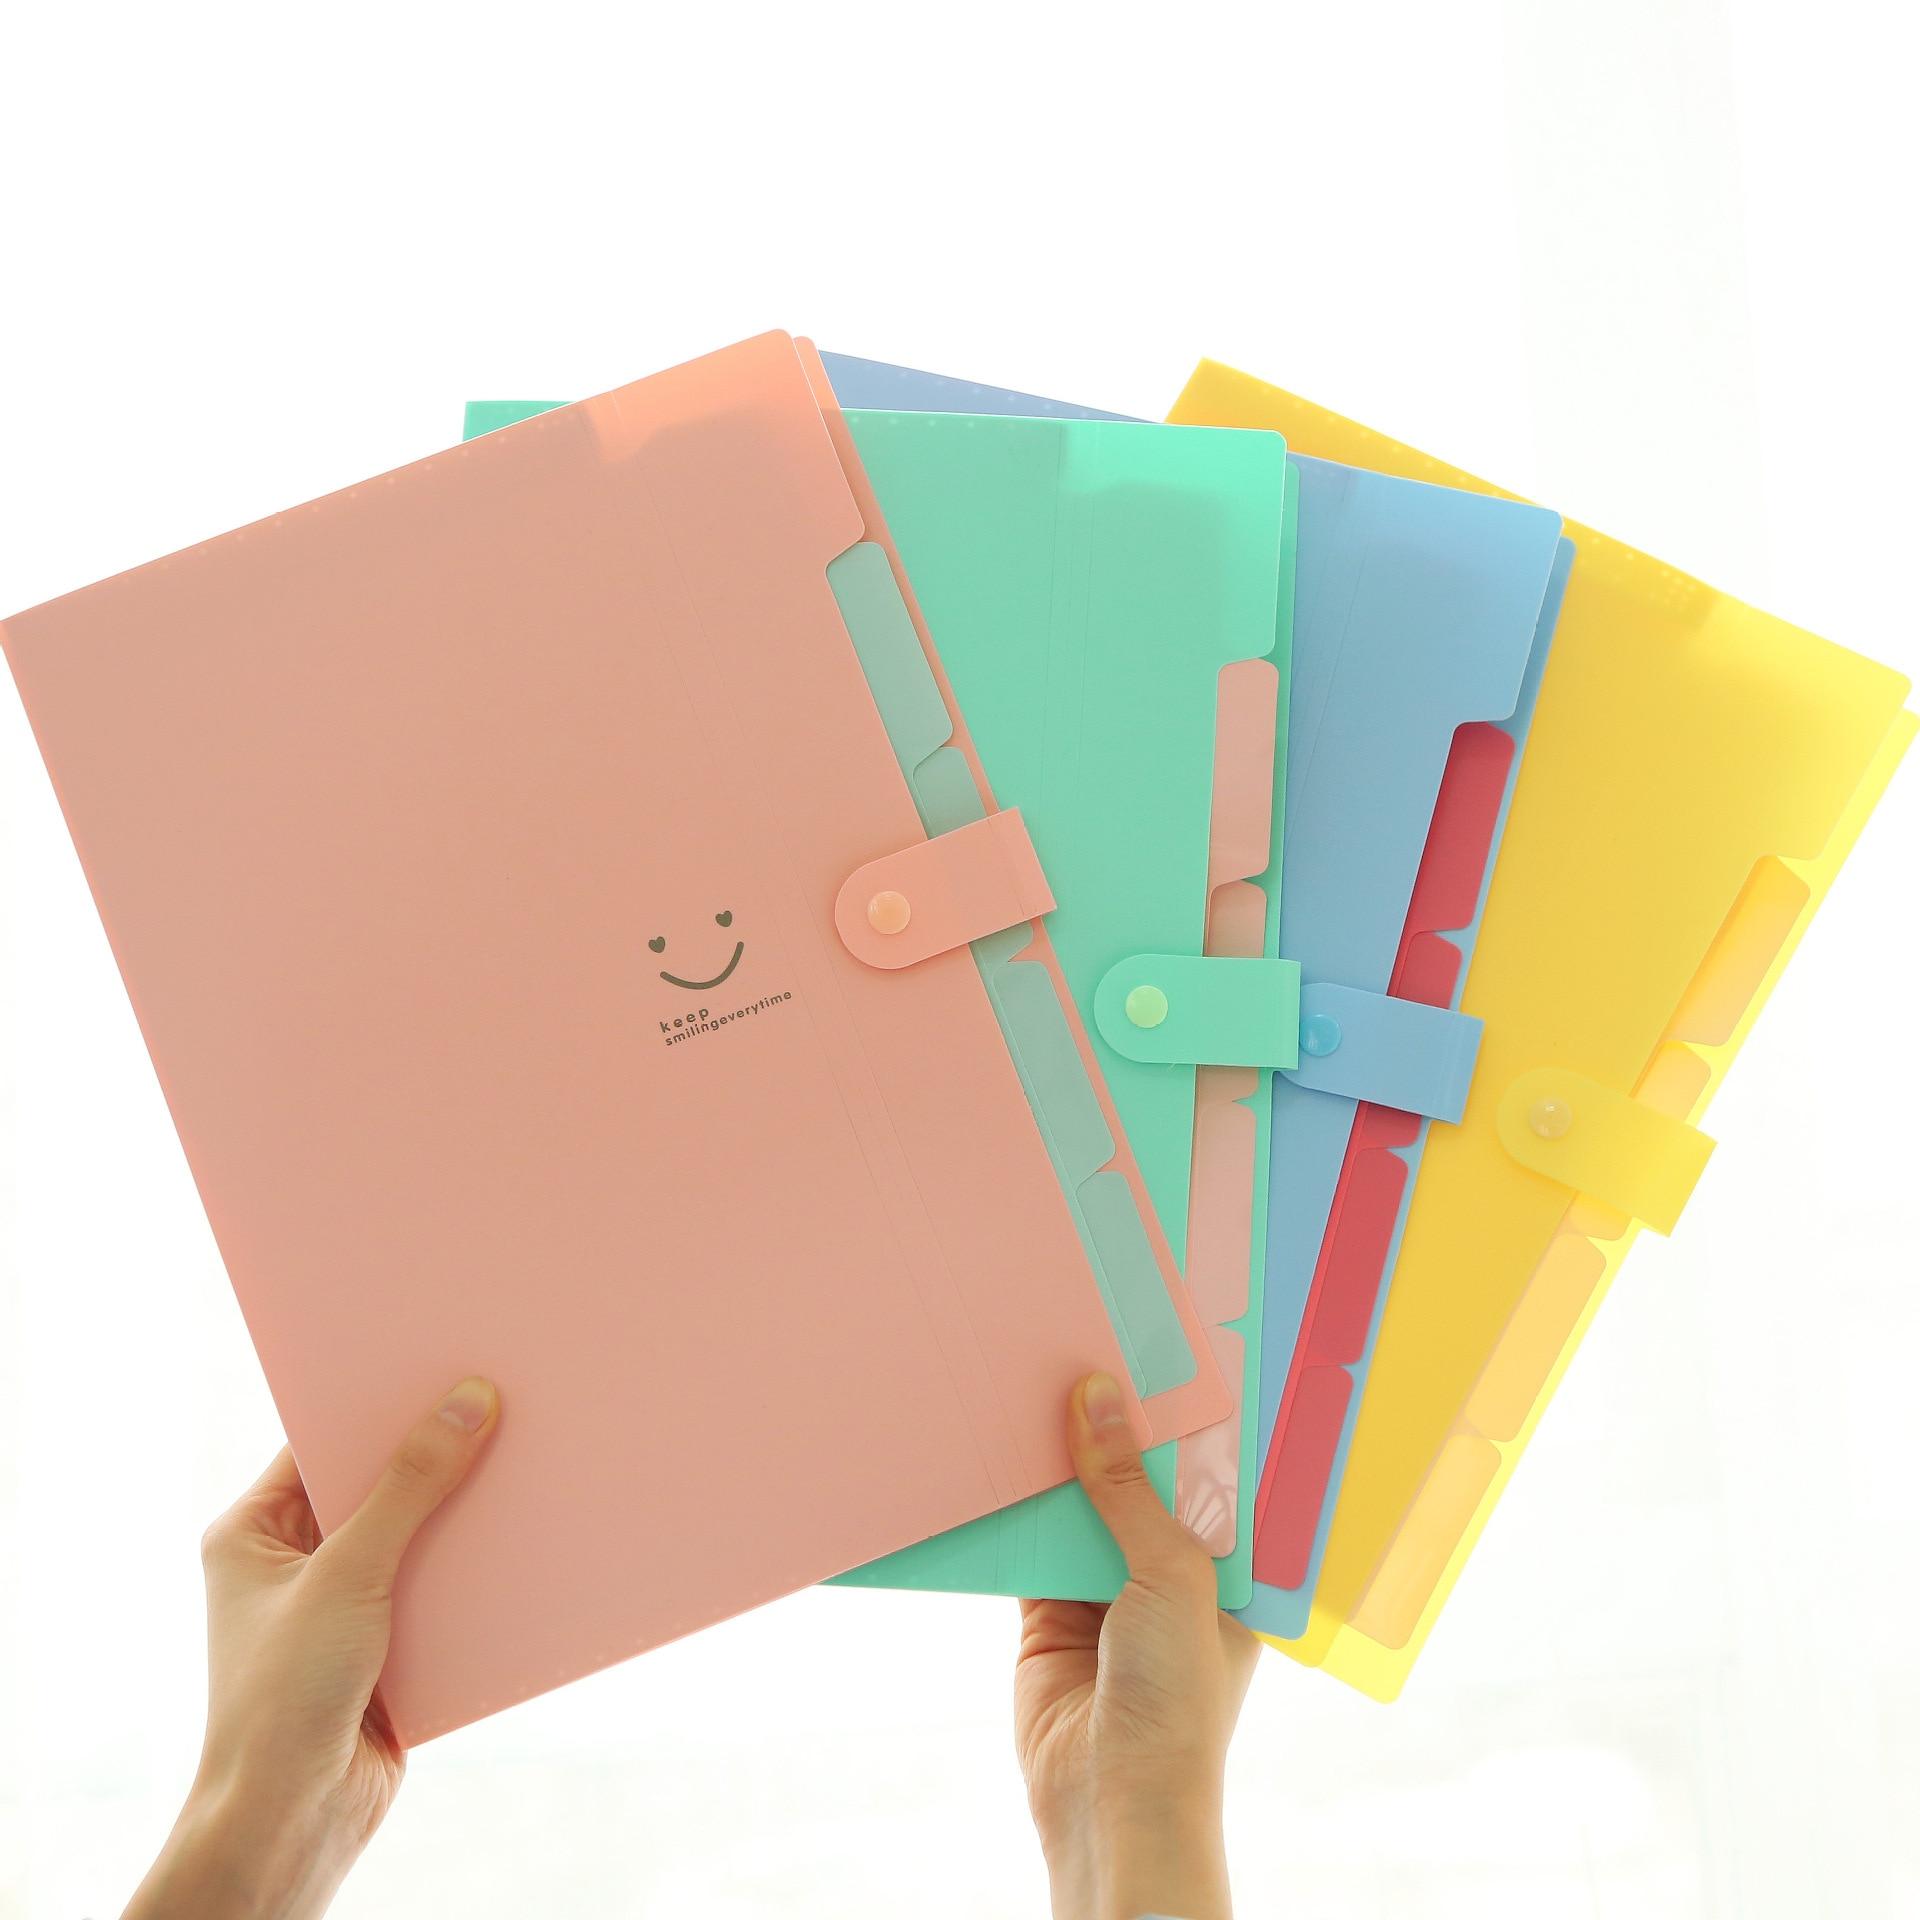 PP Stationery Cute Candy Color 5 Into A4 Folder File Bag Portfolio Bag Organ Bag File Folder Paper Storage Document Holder